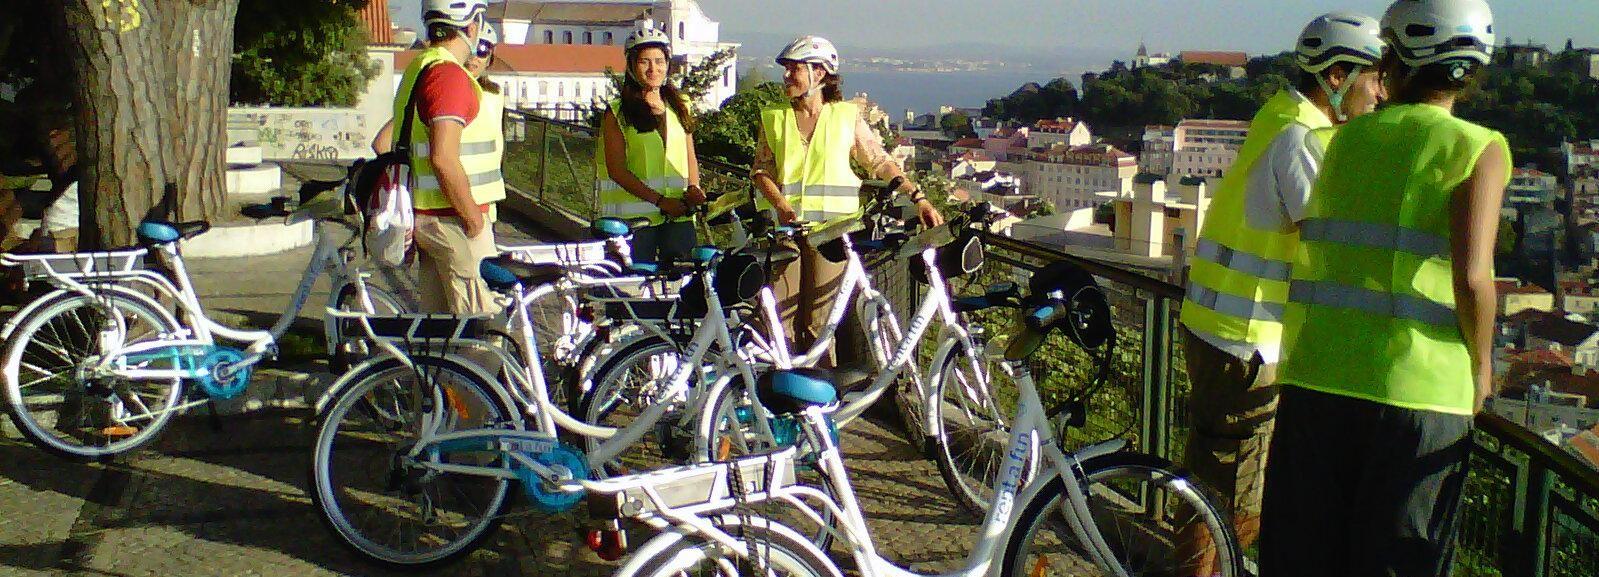 Lisboa: Excursão pelos 7 Montes de Bicicleta Elétrica